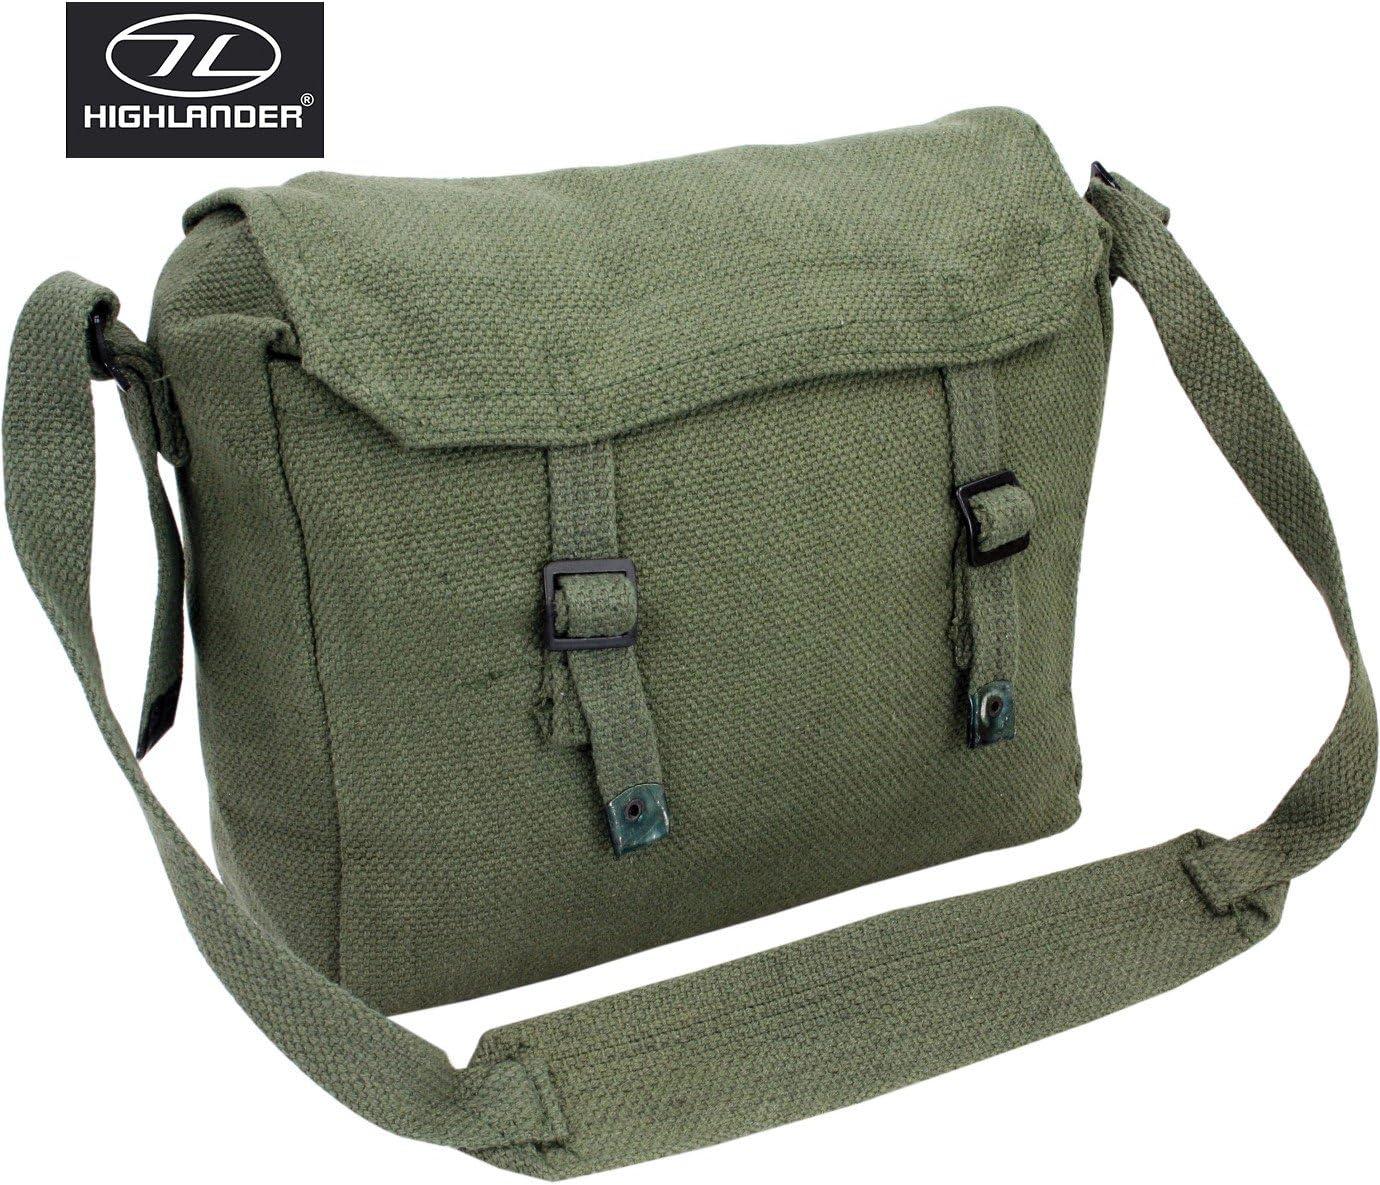 Bolso bandolera de estilo militar para viajes o el d/ía a d/ía Highlander suministro original del ej/ército de lona color verde